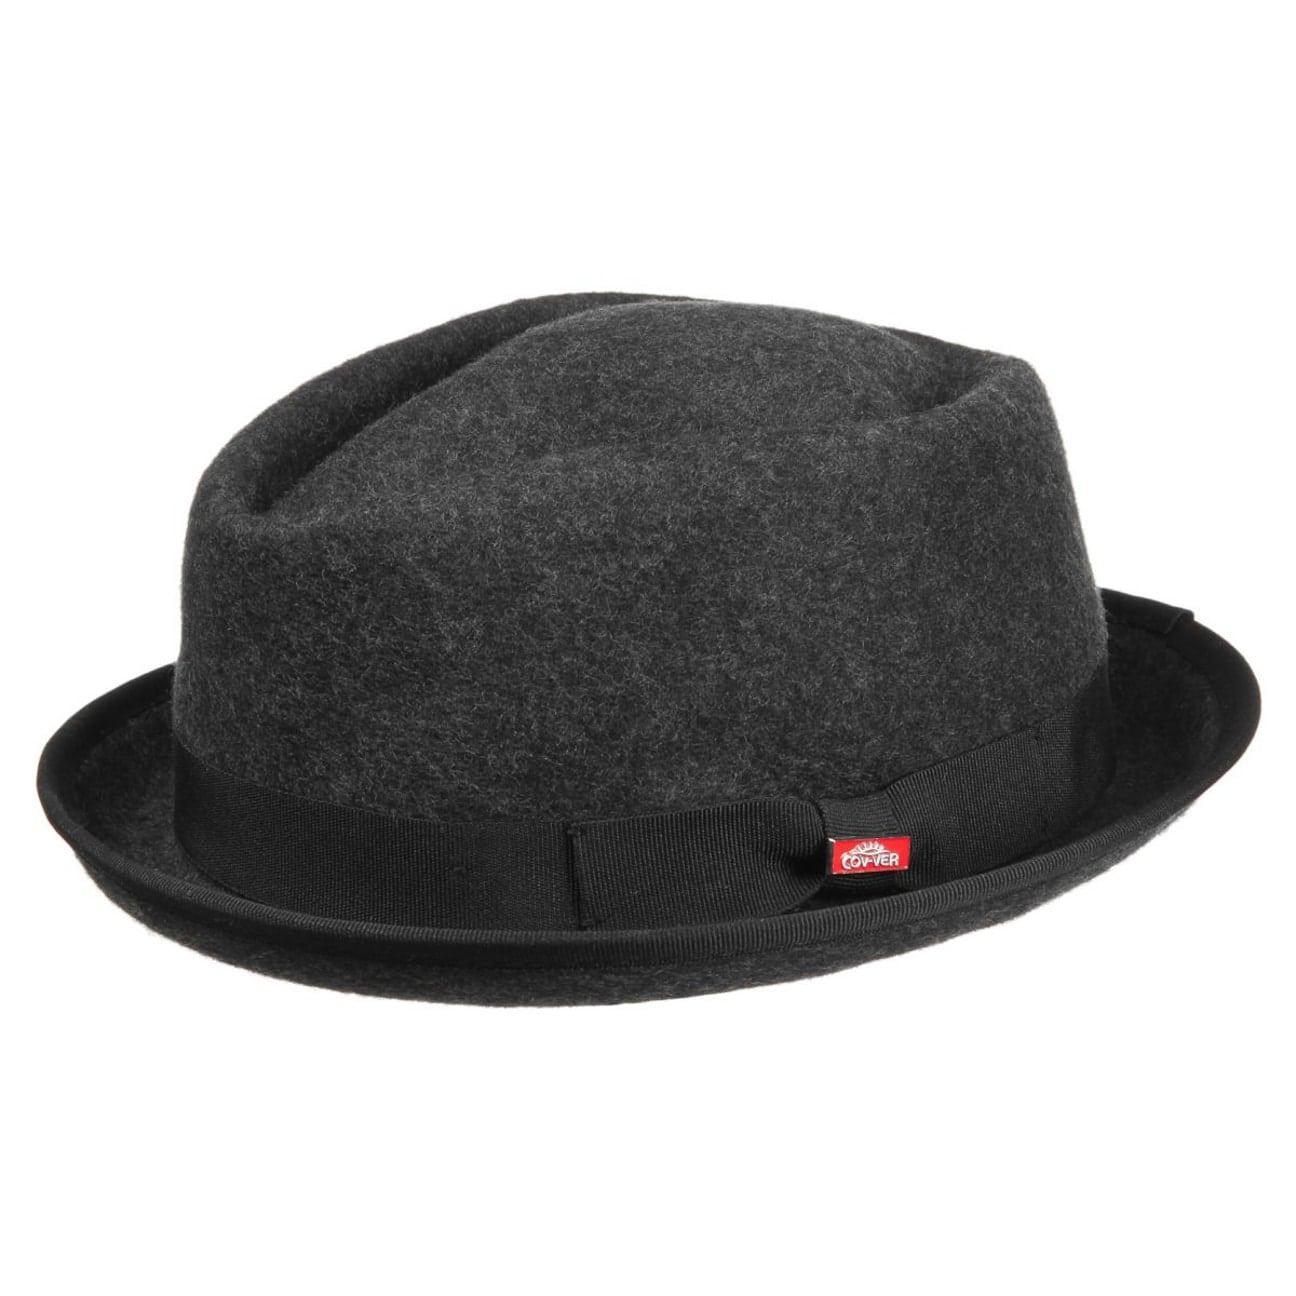 8cf3b186c9c78 Sombrero Porkpie Fieltro Fedora by Lierys - Sombreros - sombreroshop.es